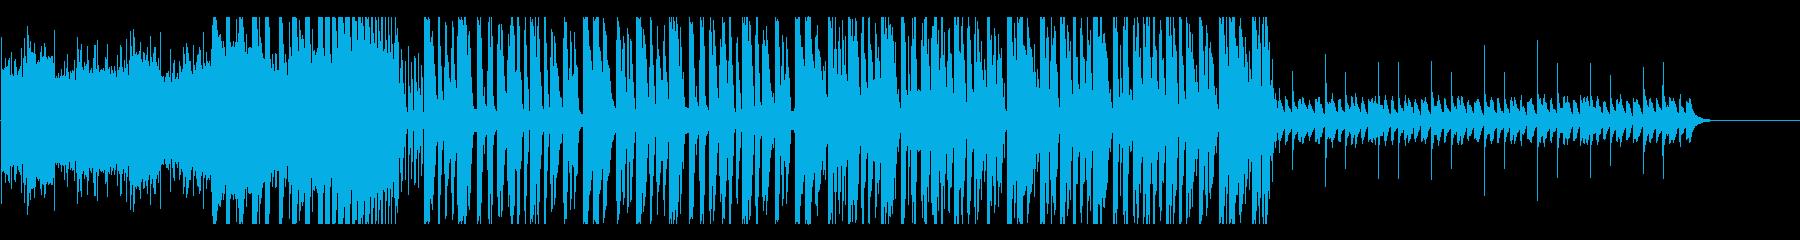 ポップで爽やかFuture Bass cの再生済みの波形